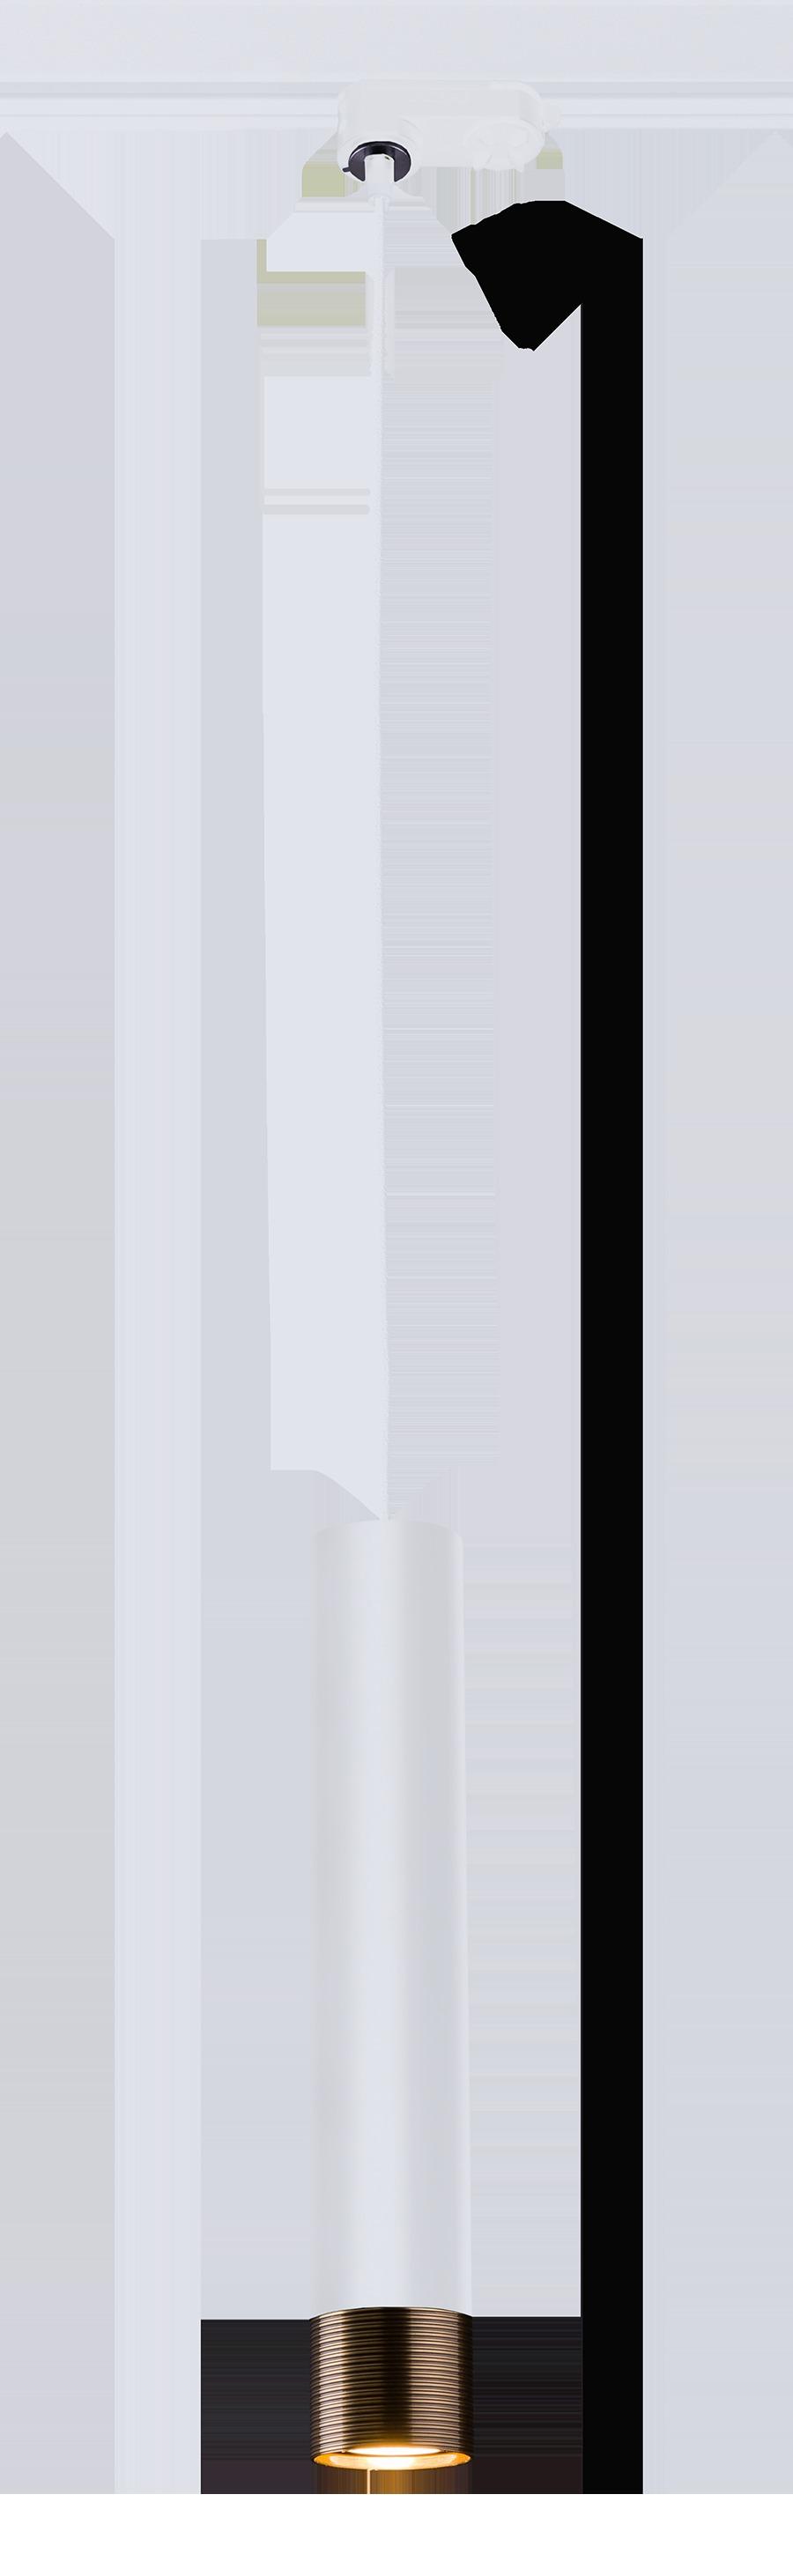 Lampa wisząca do szynoprzewodu Eido 1 Patyna 0369 - Amplex // Rabaty w koszyku i darmowa dostawa od 299zł !